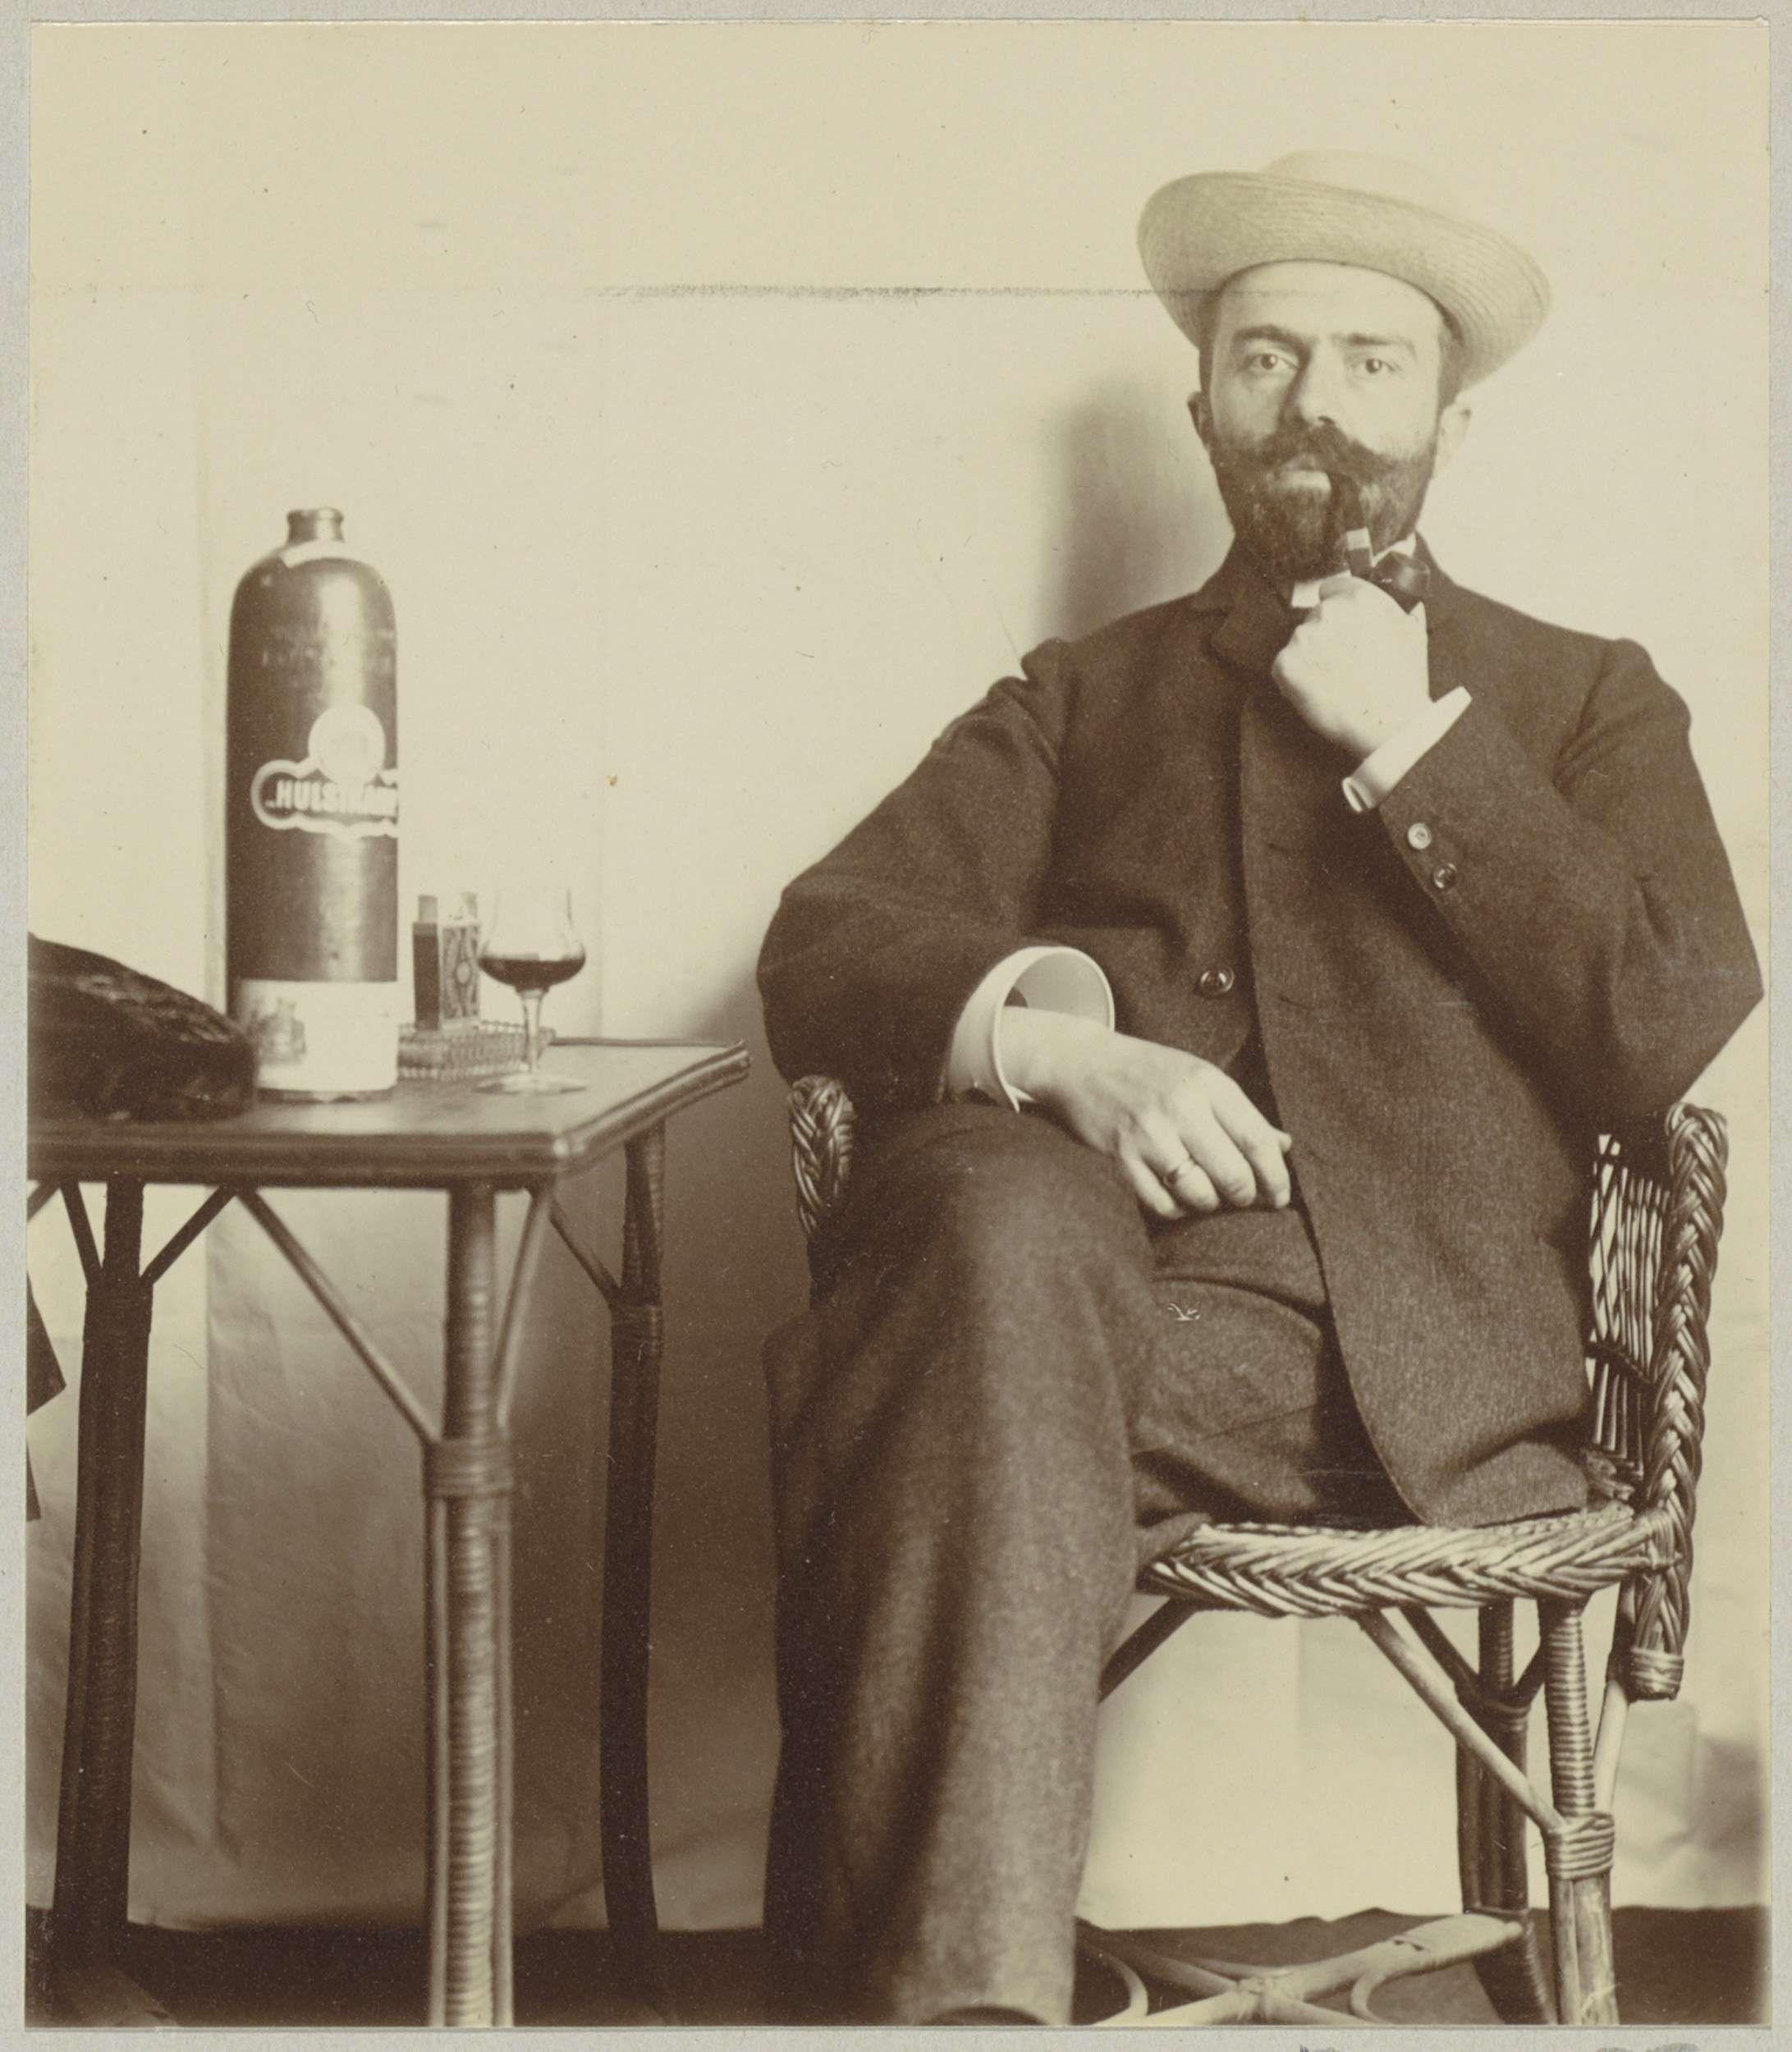 Anonymous | Man met hoed, pijprokend bij een kruik drank, Anonymous, c. 1900 - c. 1910 | Onderdeel van Familiealbum met onder meer foto's van Wijnhandel Kraaij & Co. Bordeaux-Amsterdam.